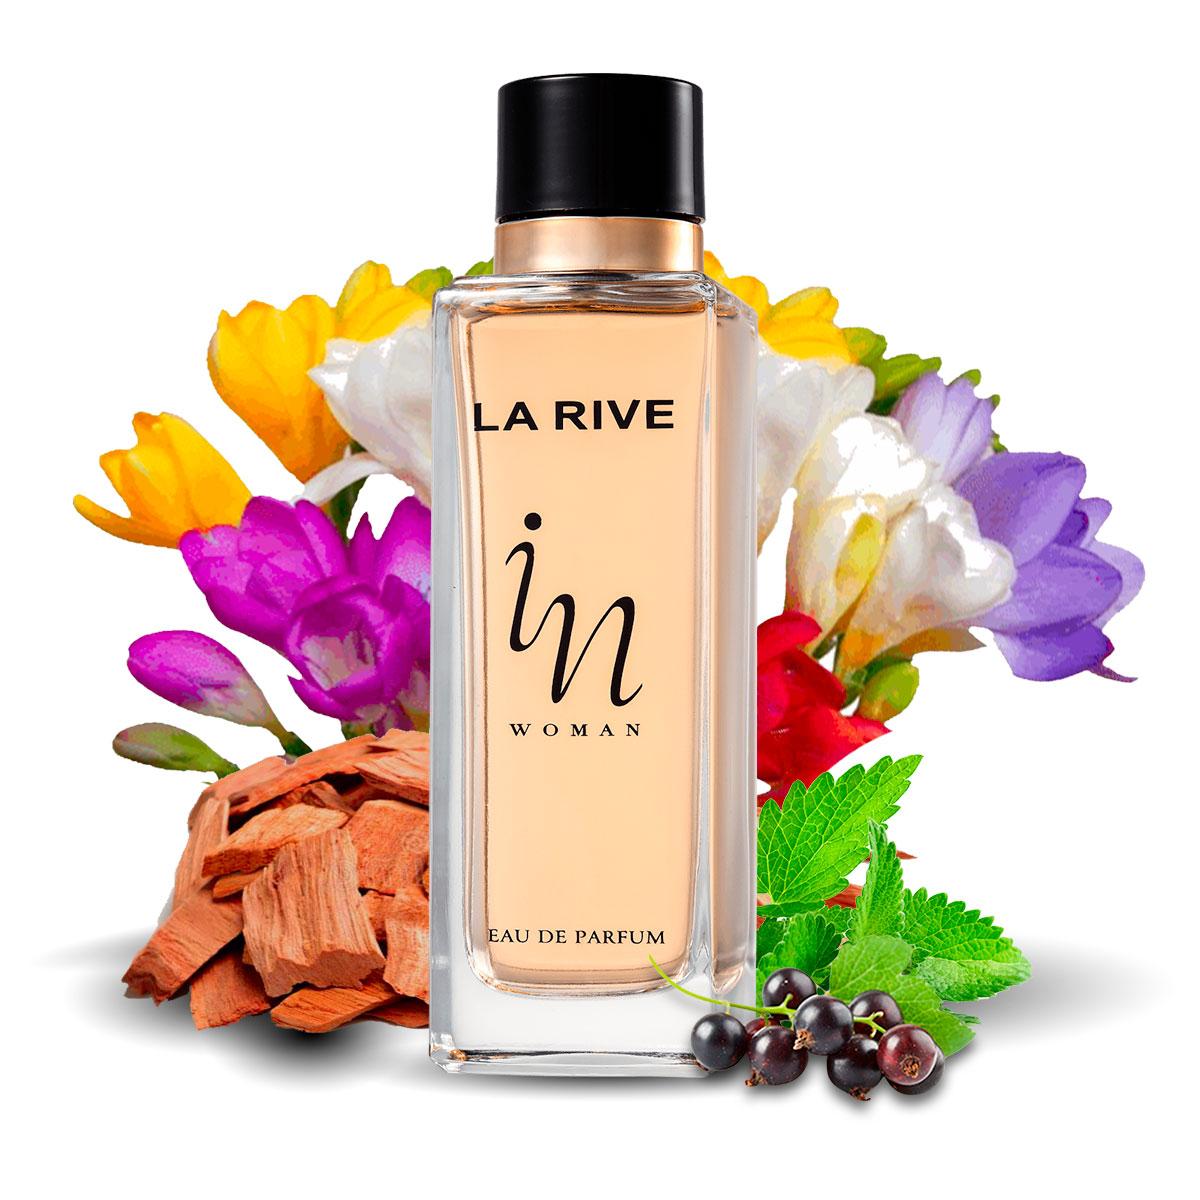 Kit 2 Perfumes Importados Cash Man e In Woman La Rive